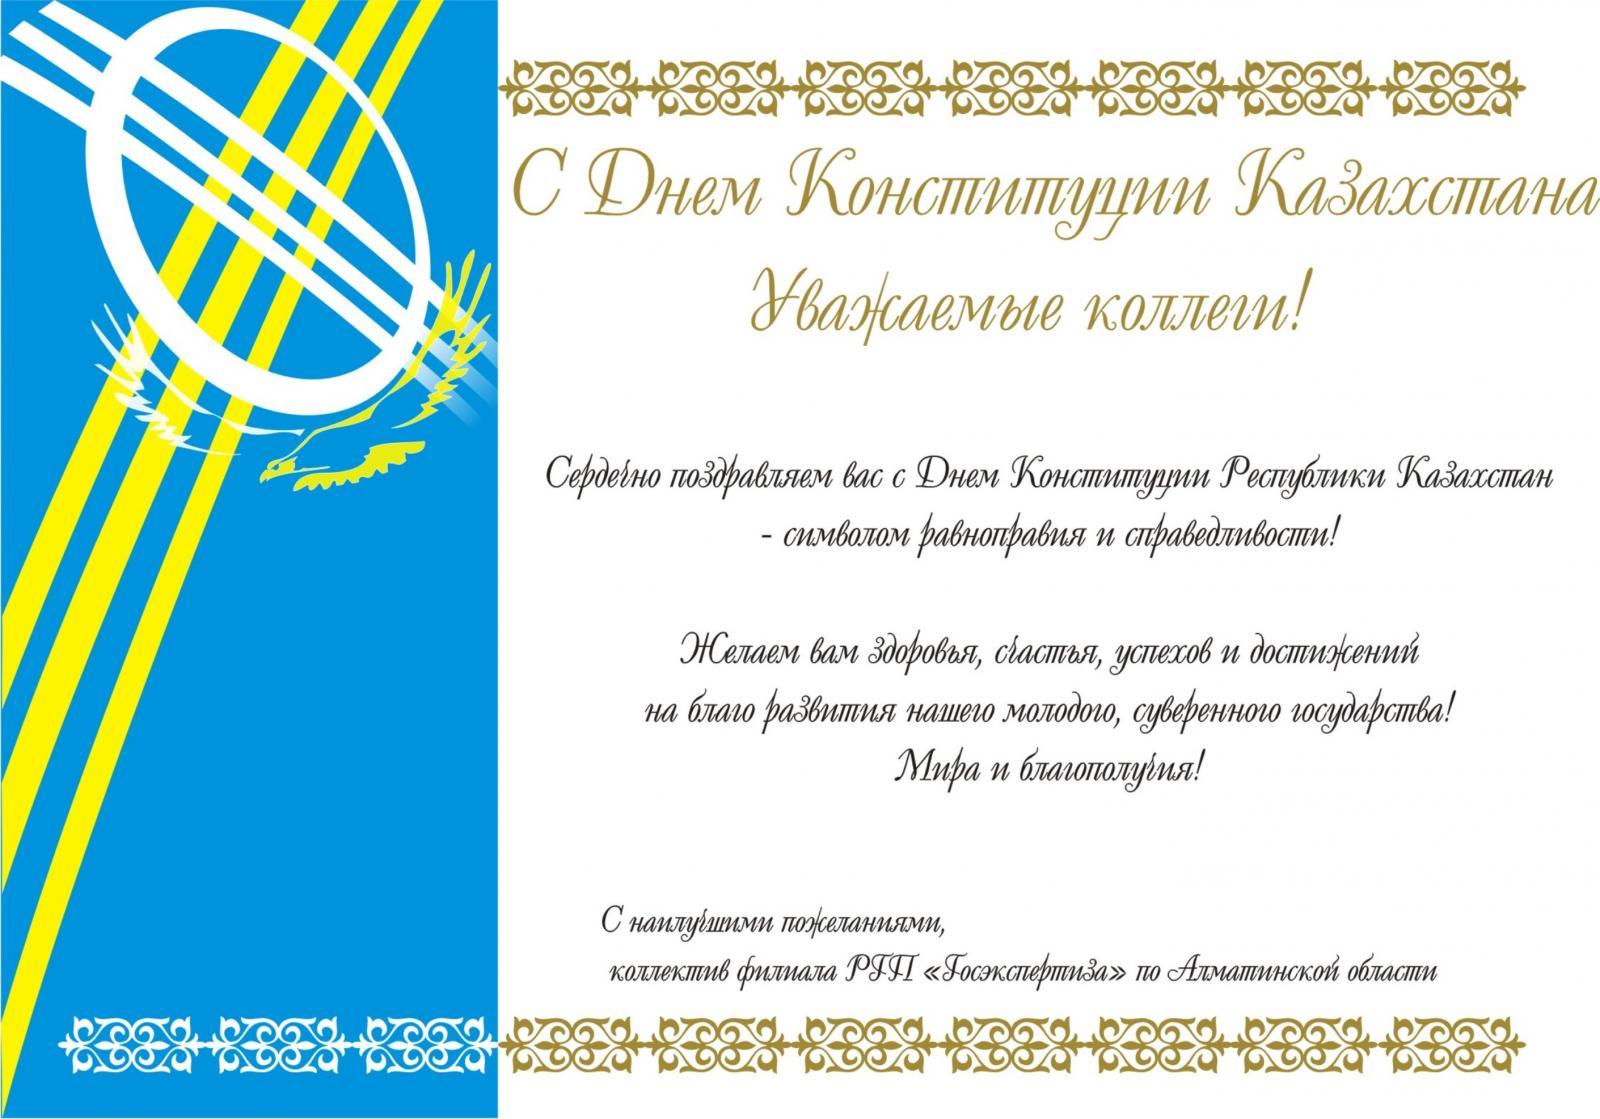 На день конституции рк поздравления 117